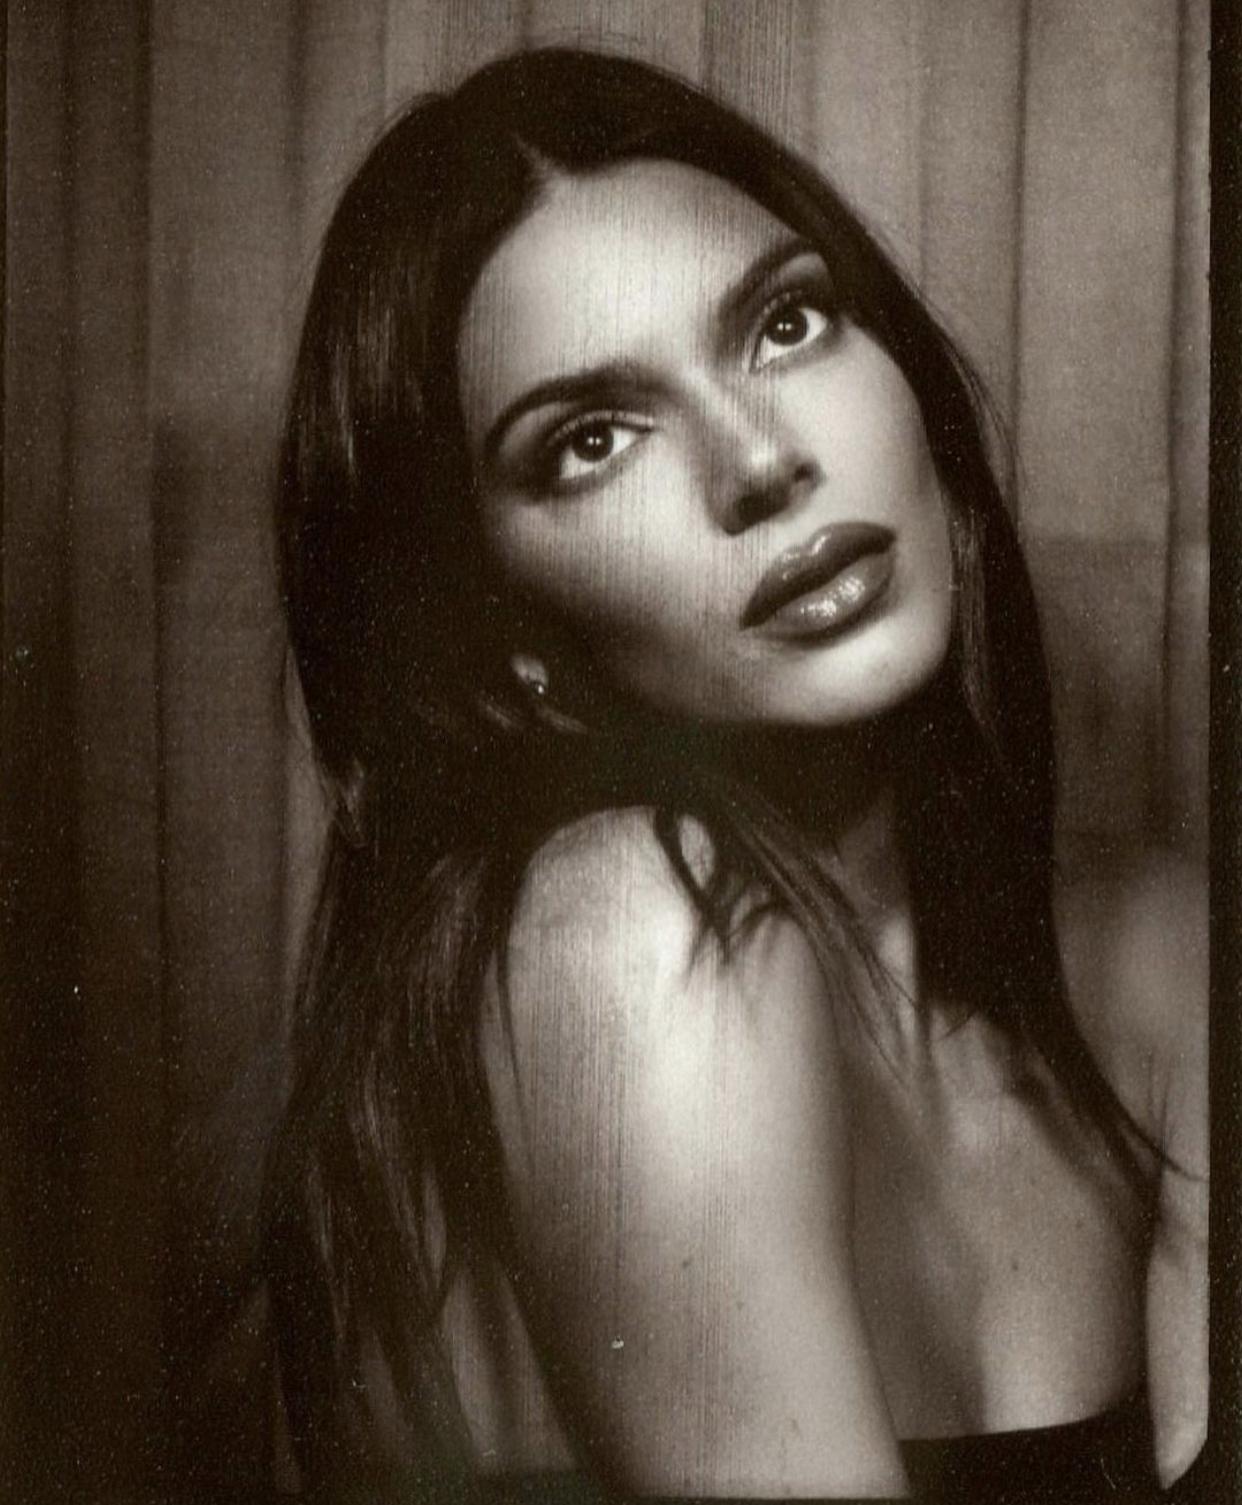 Da li ste znali ove zanimljivosti o Kendall Jenner?